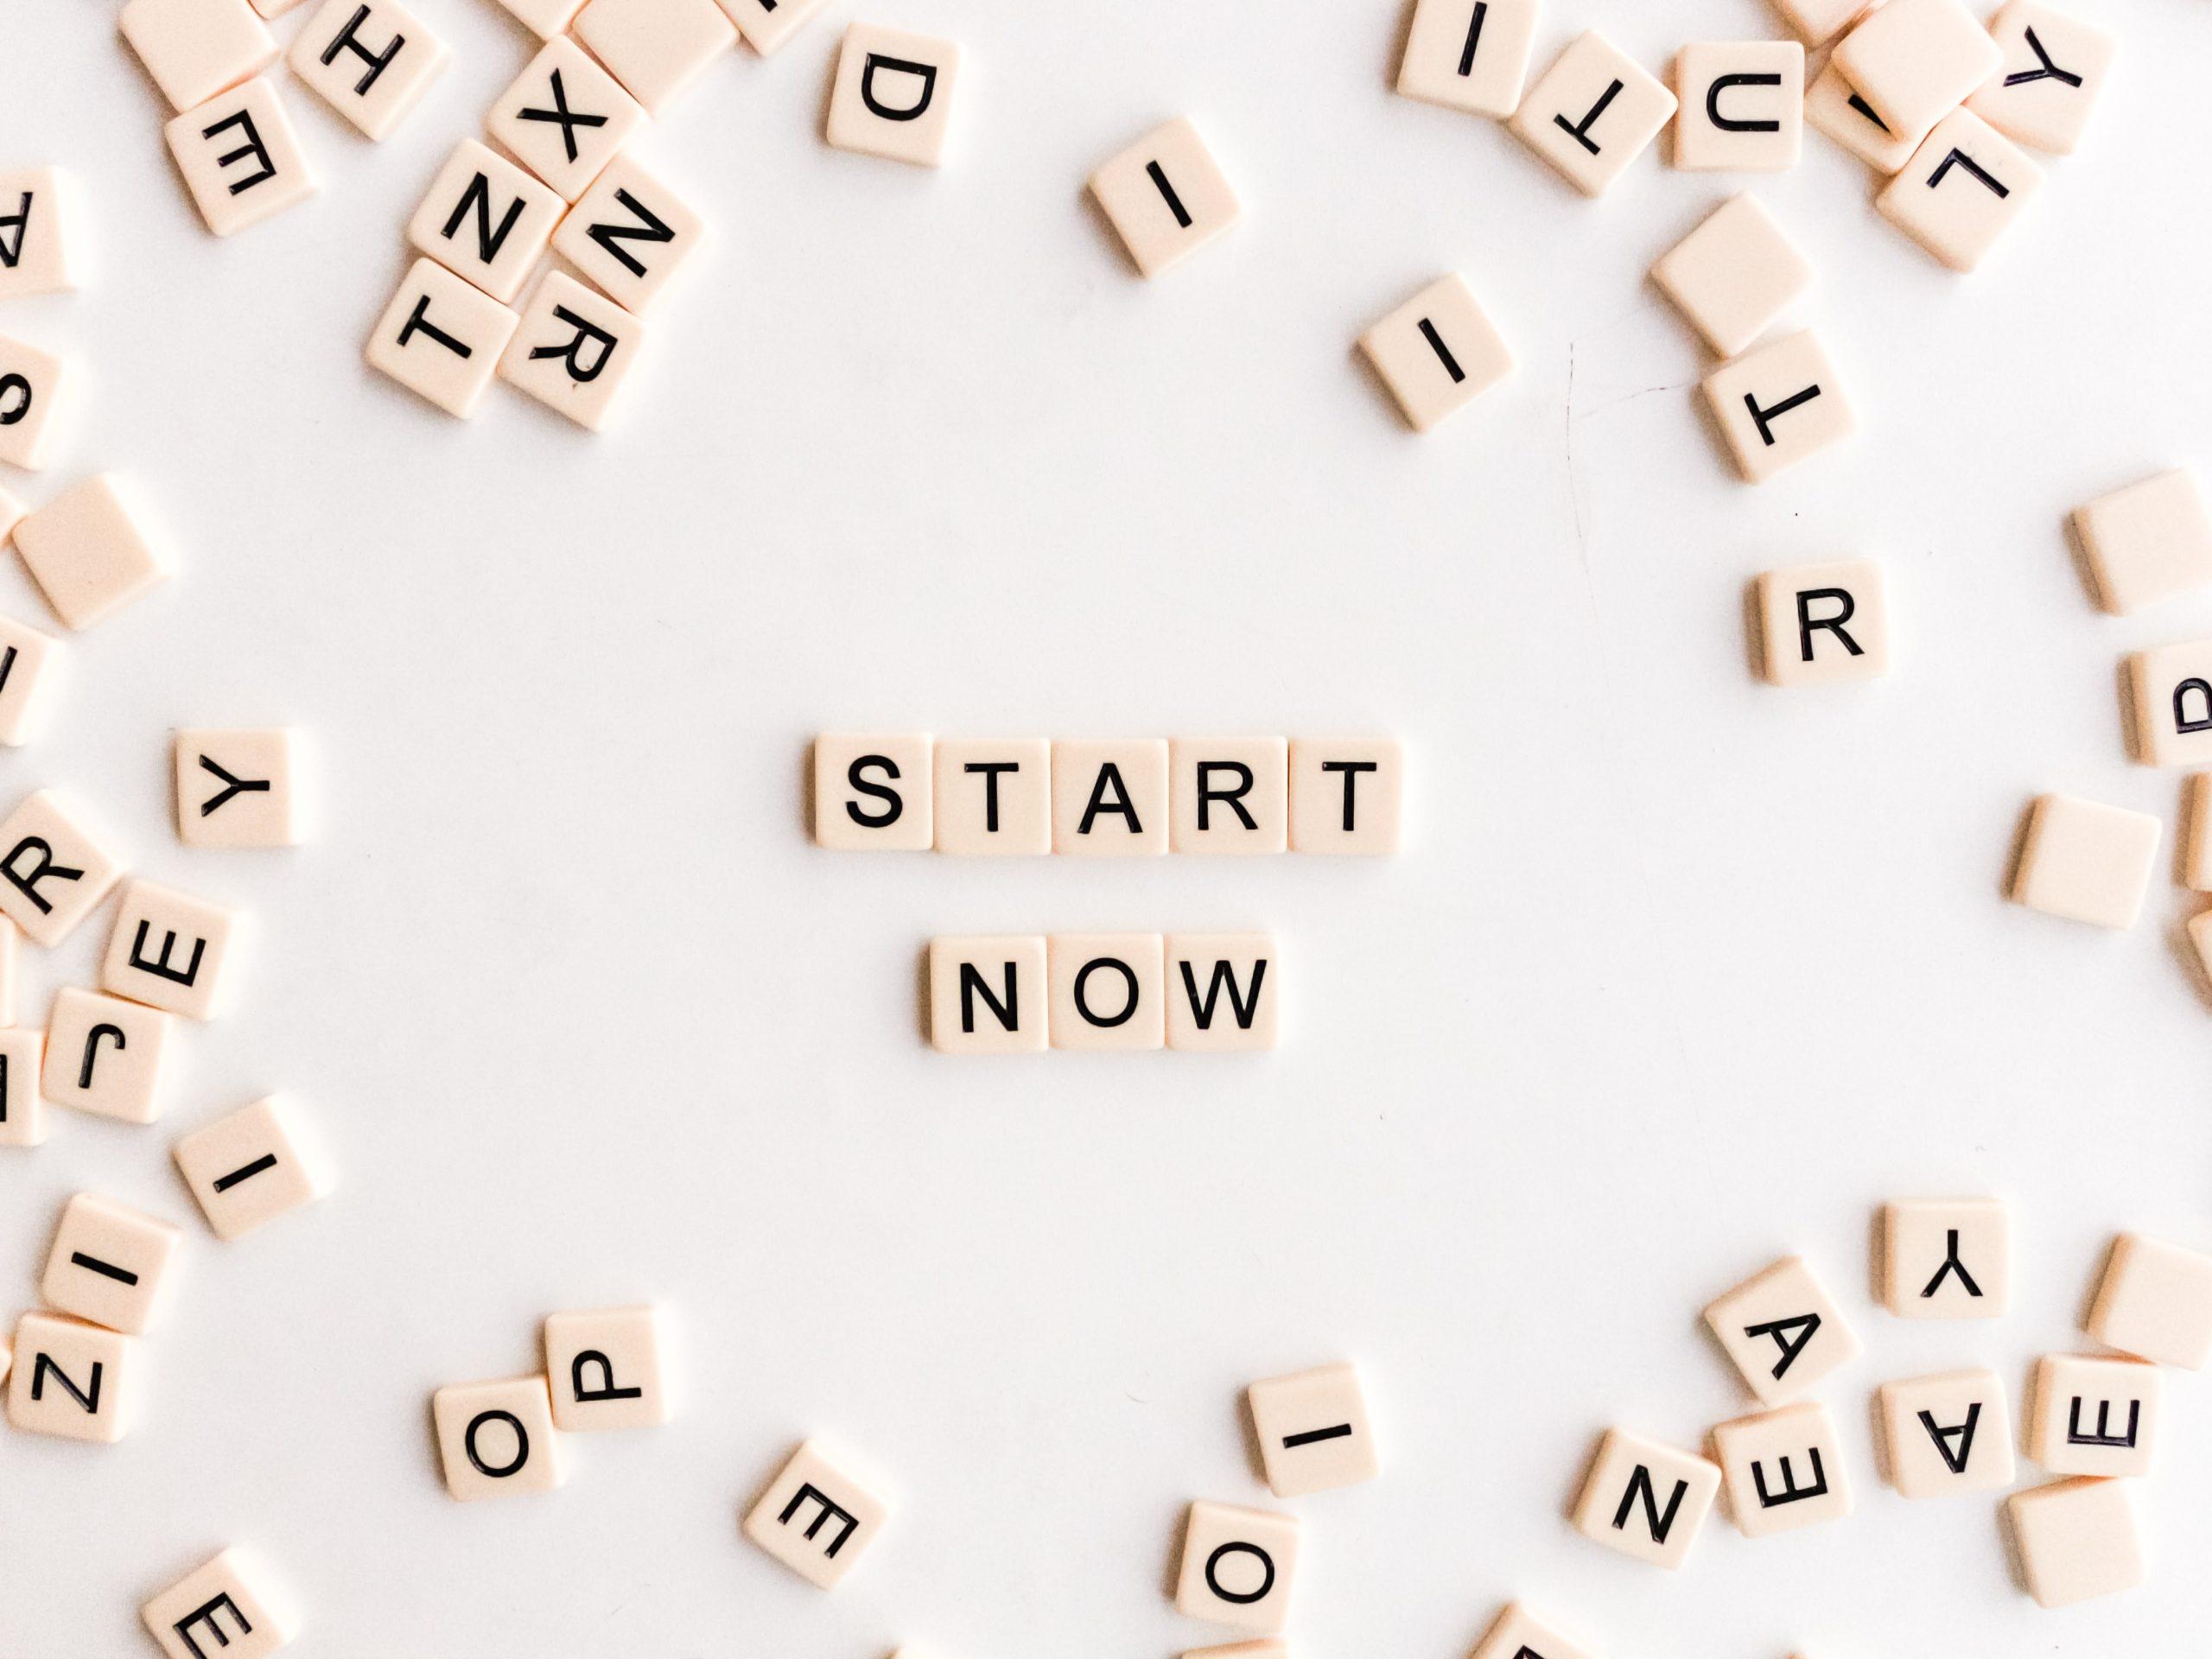 Start Now in Scrabble